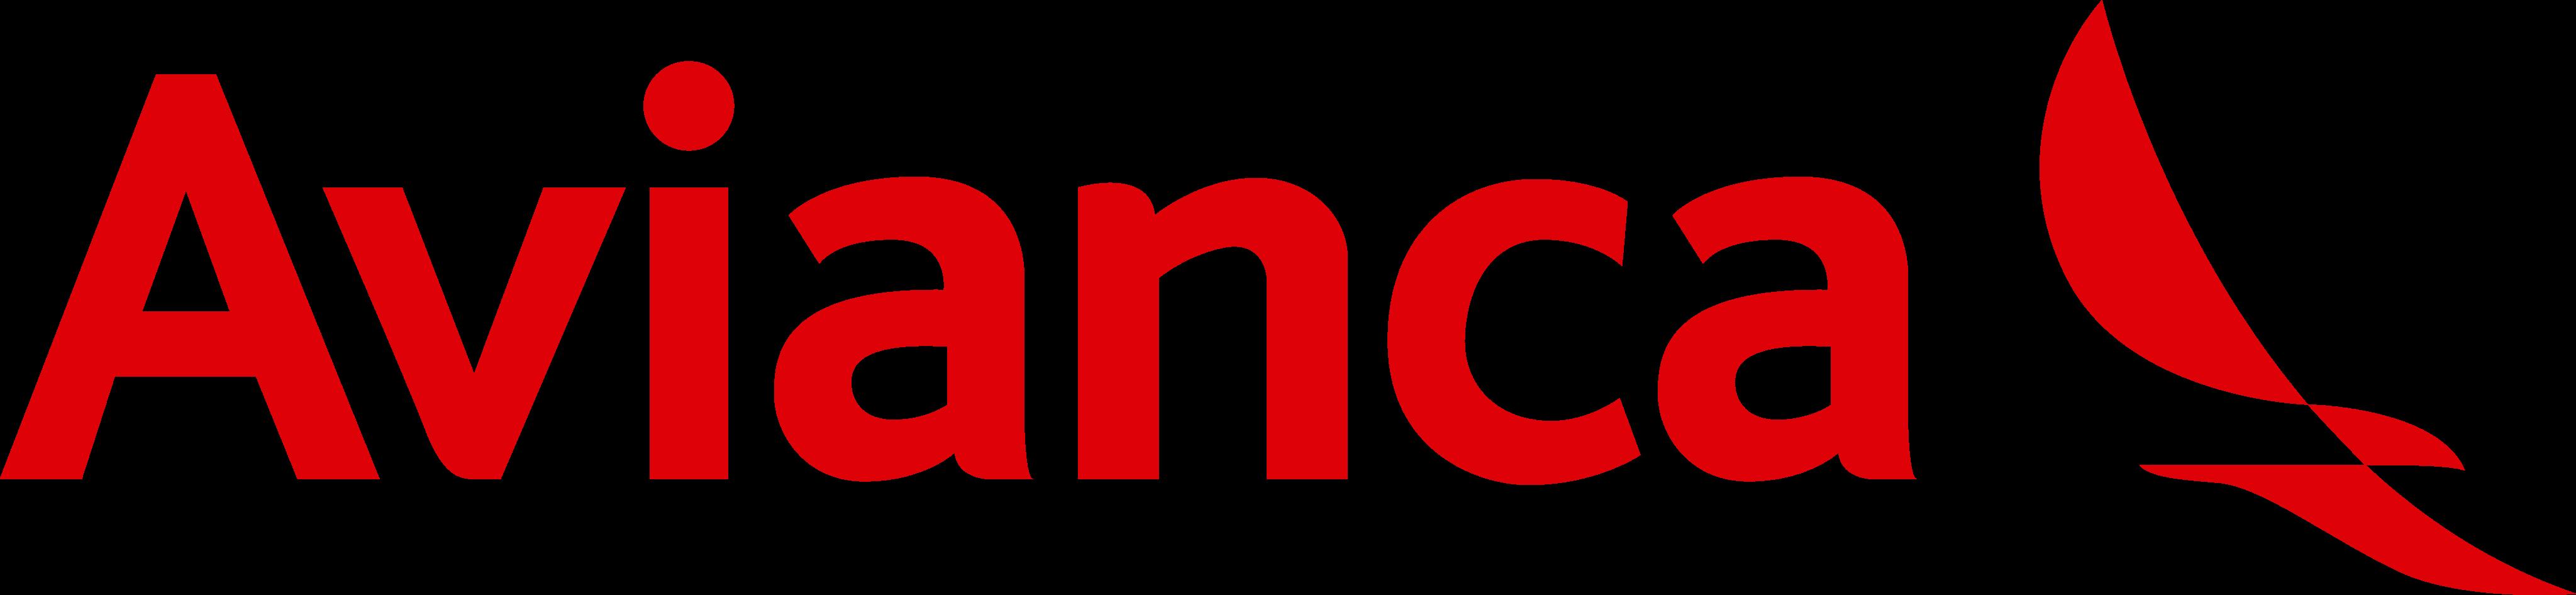 avianca-logo-1-1